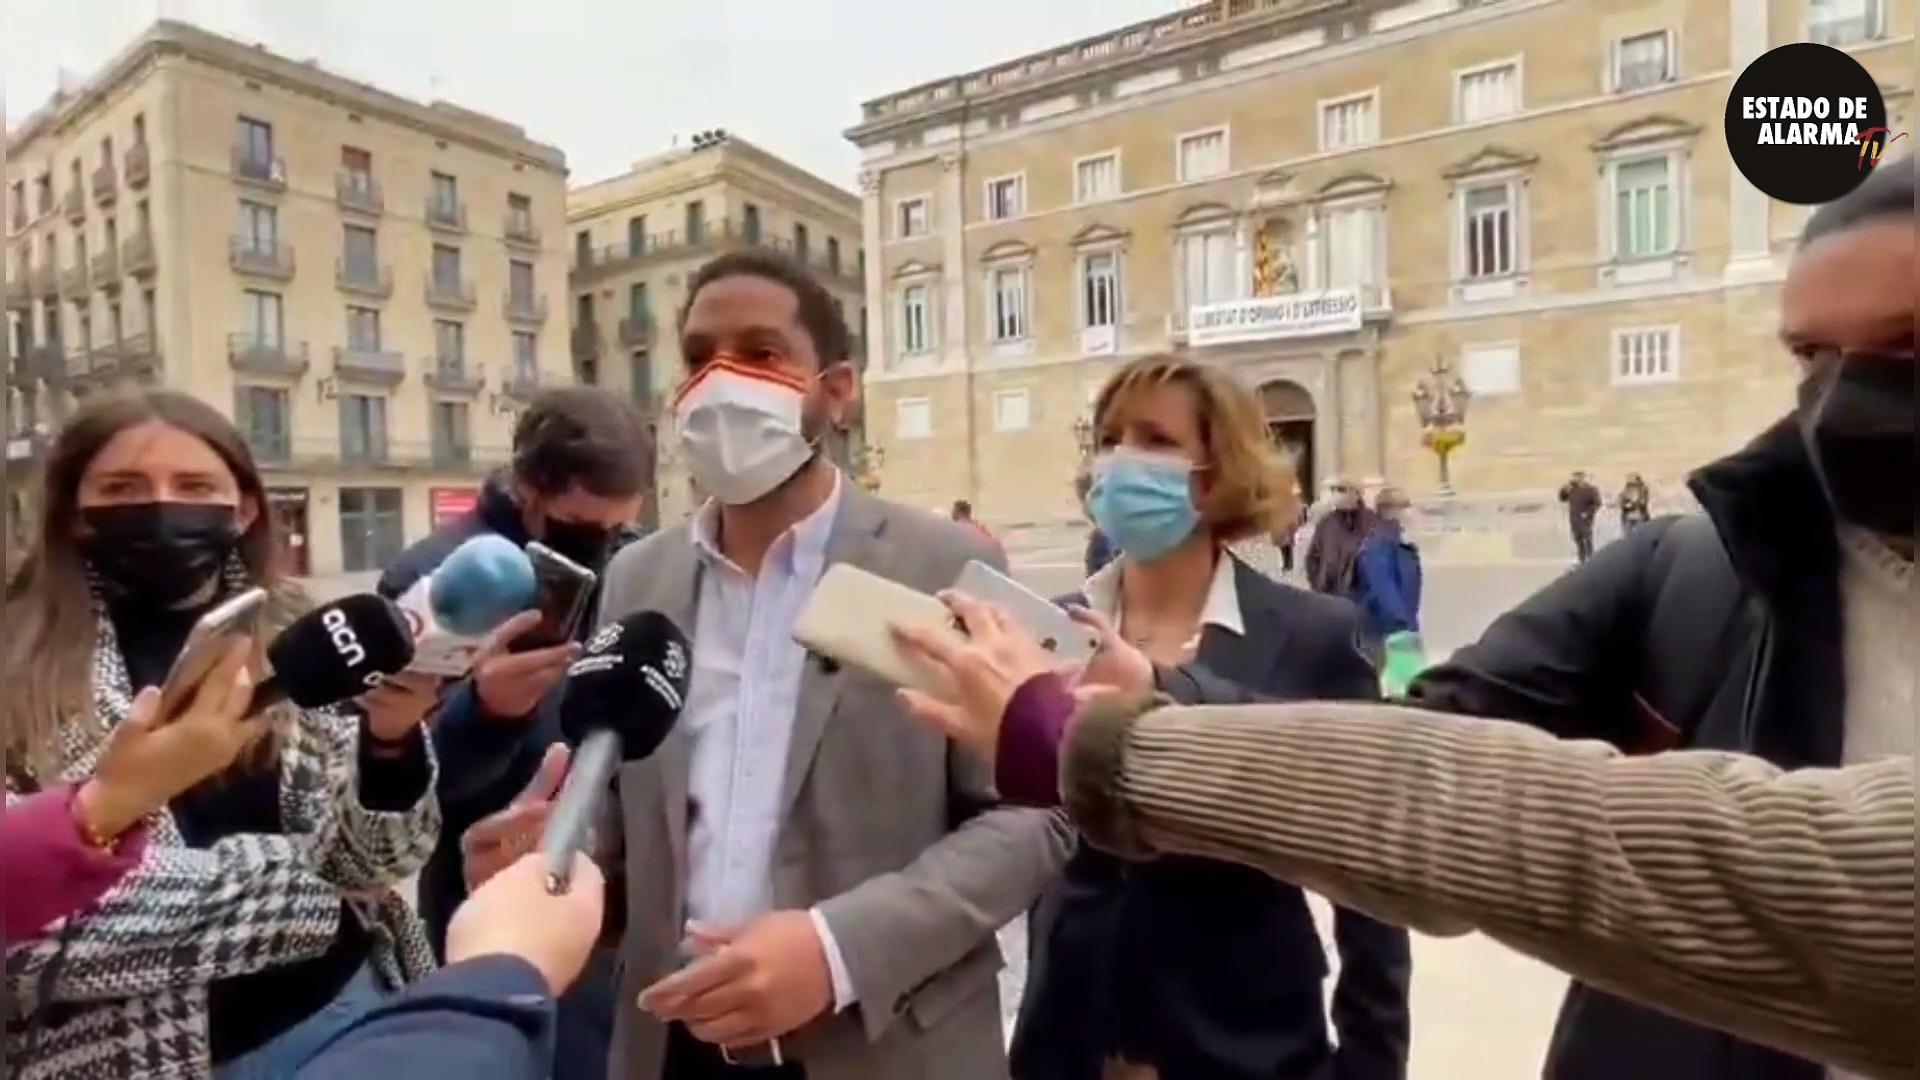 Vox acorrala a los terroristas callejeros en Cataluña